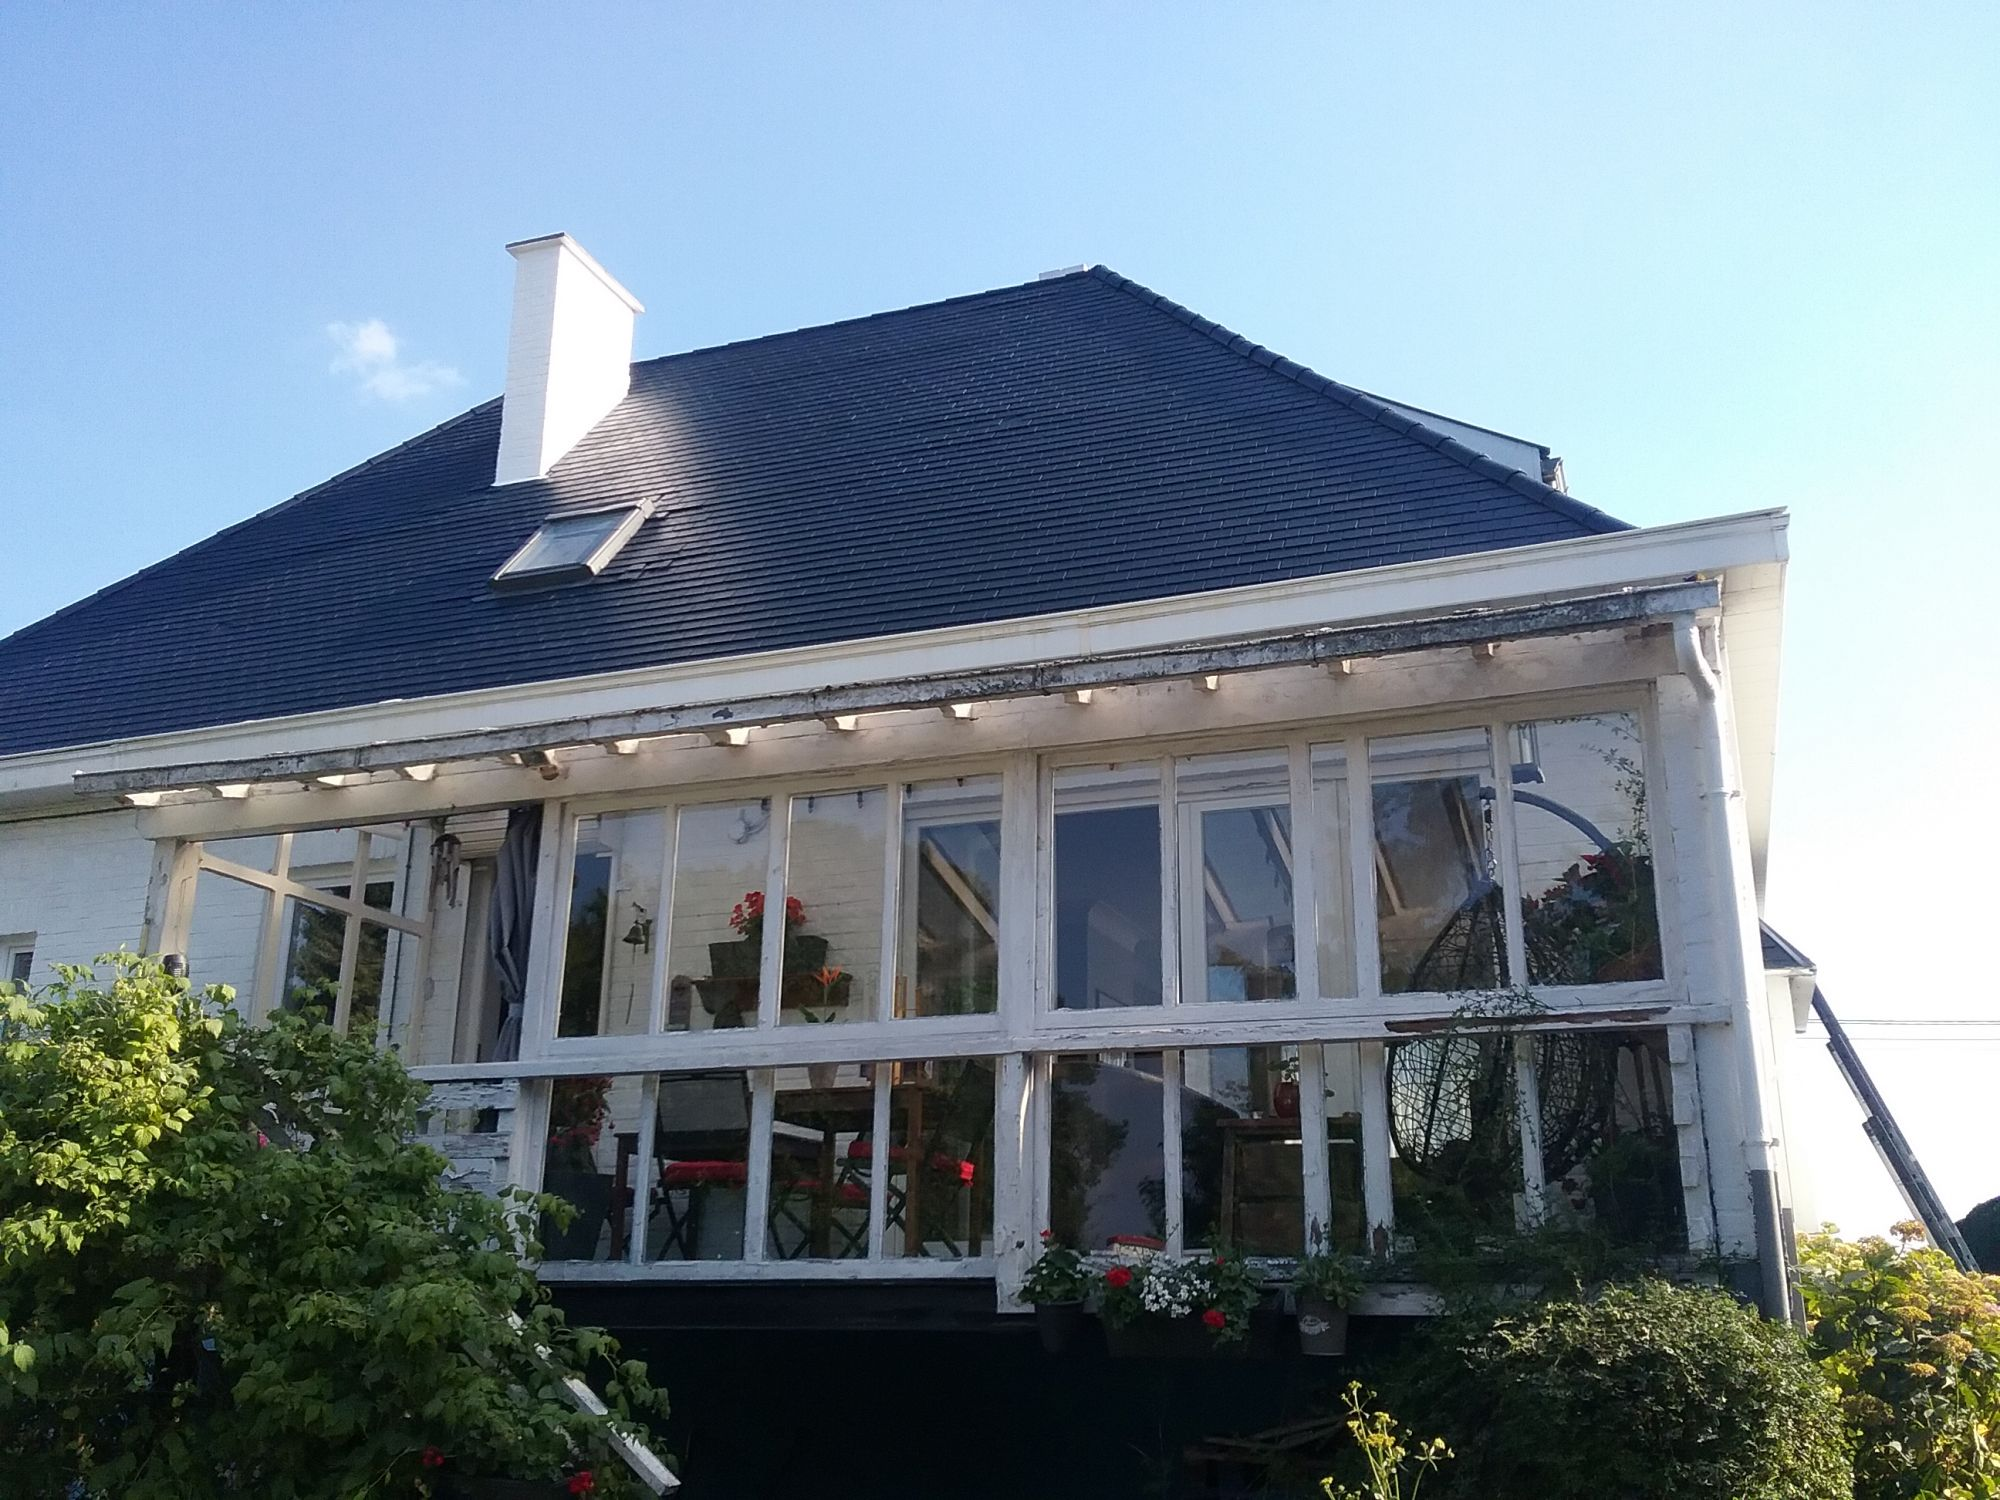 Rénovation toiture Fibro ciment - Les Compagnons du bâtiment